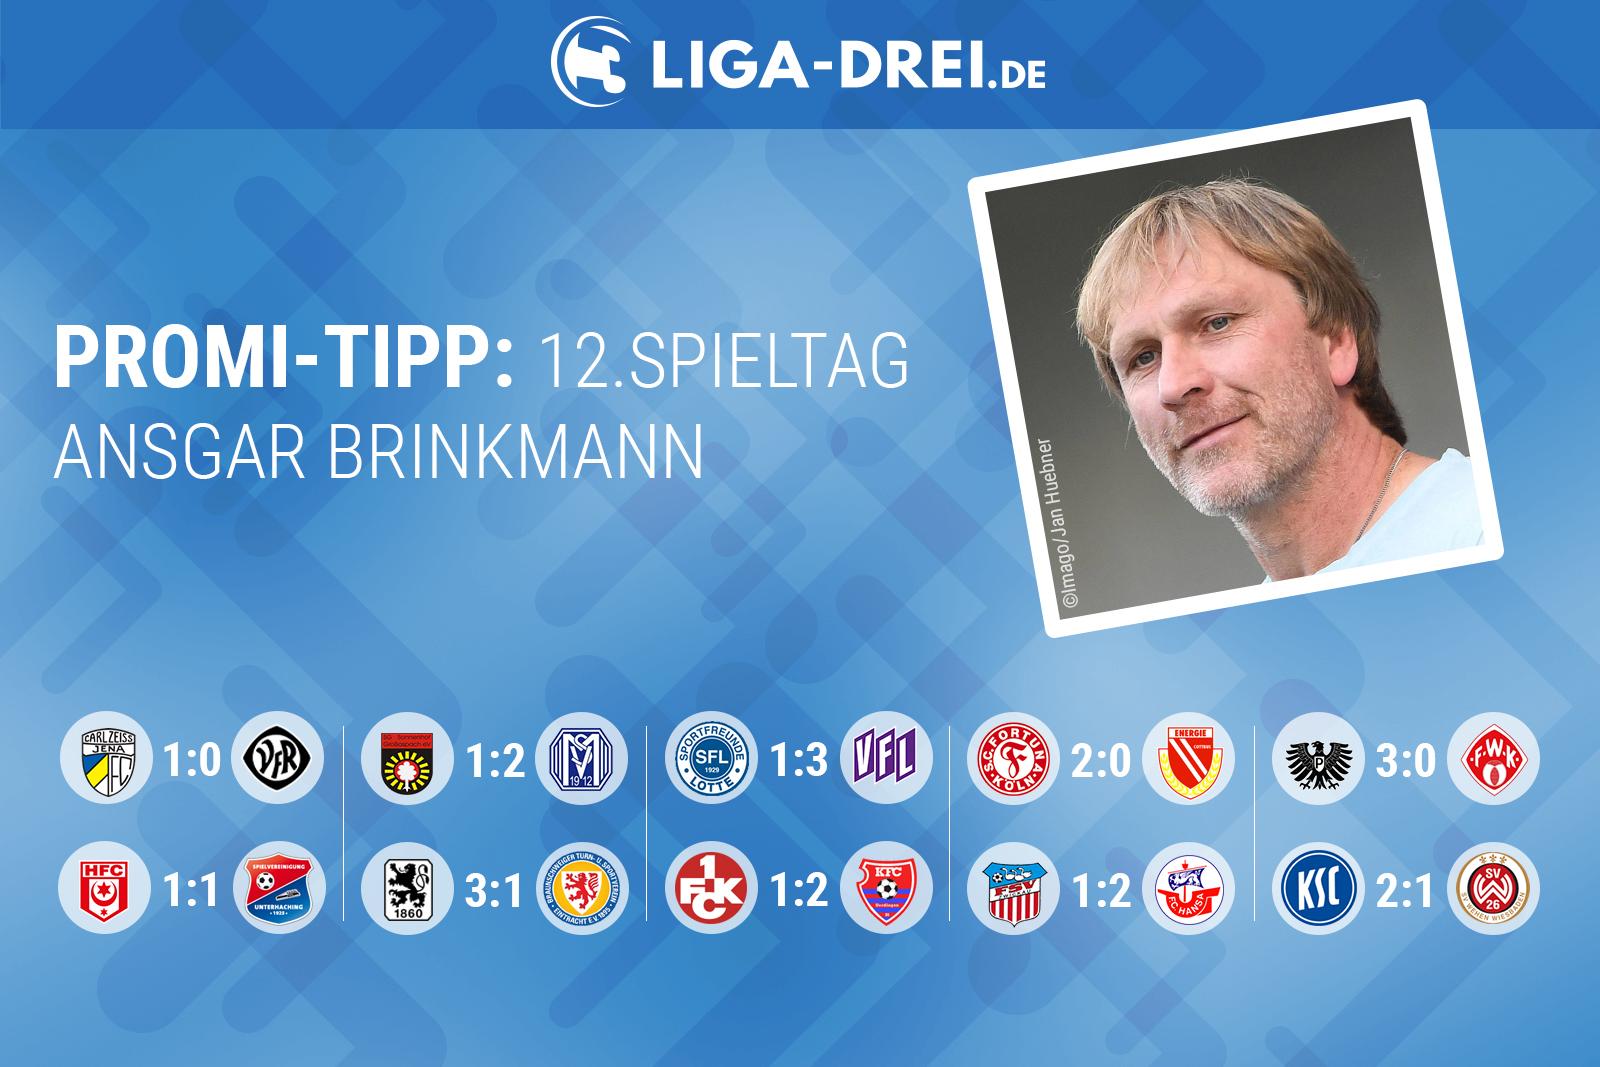 Ansgar Brinkmann tippt den 12. Spieltag 2018/19